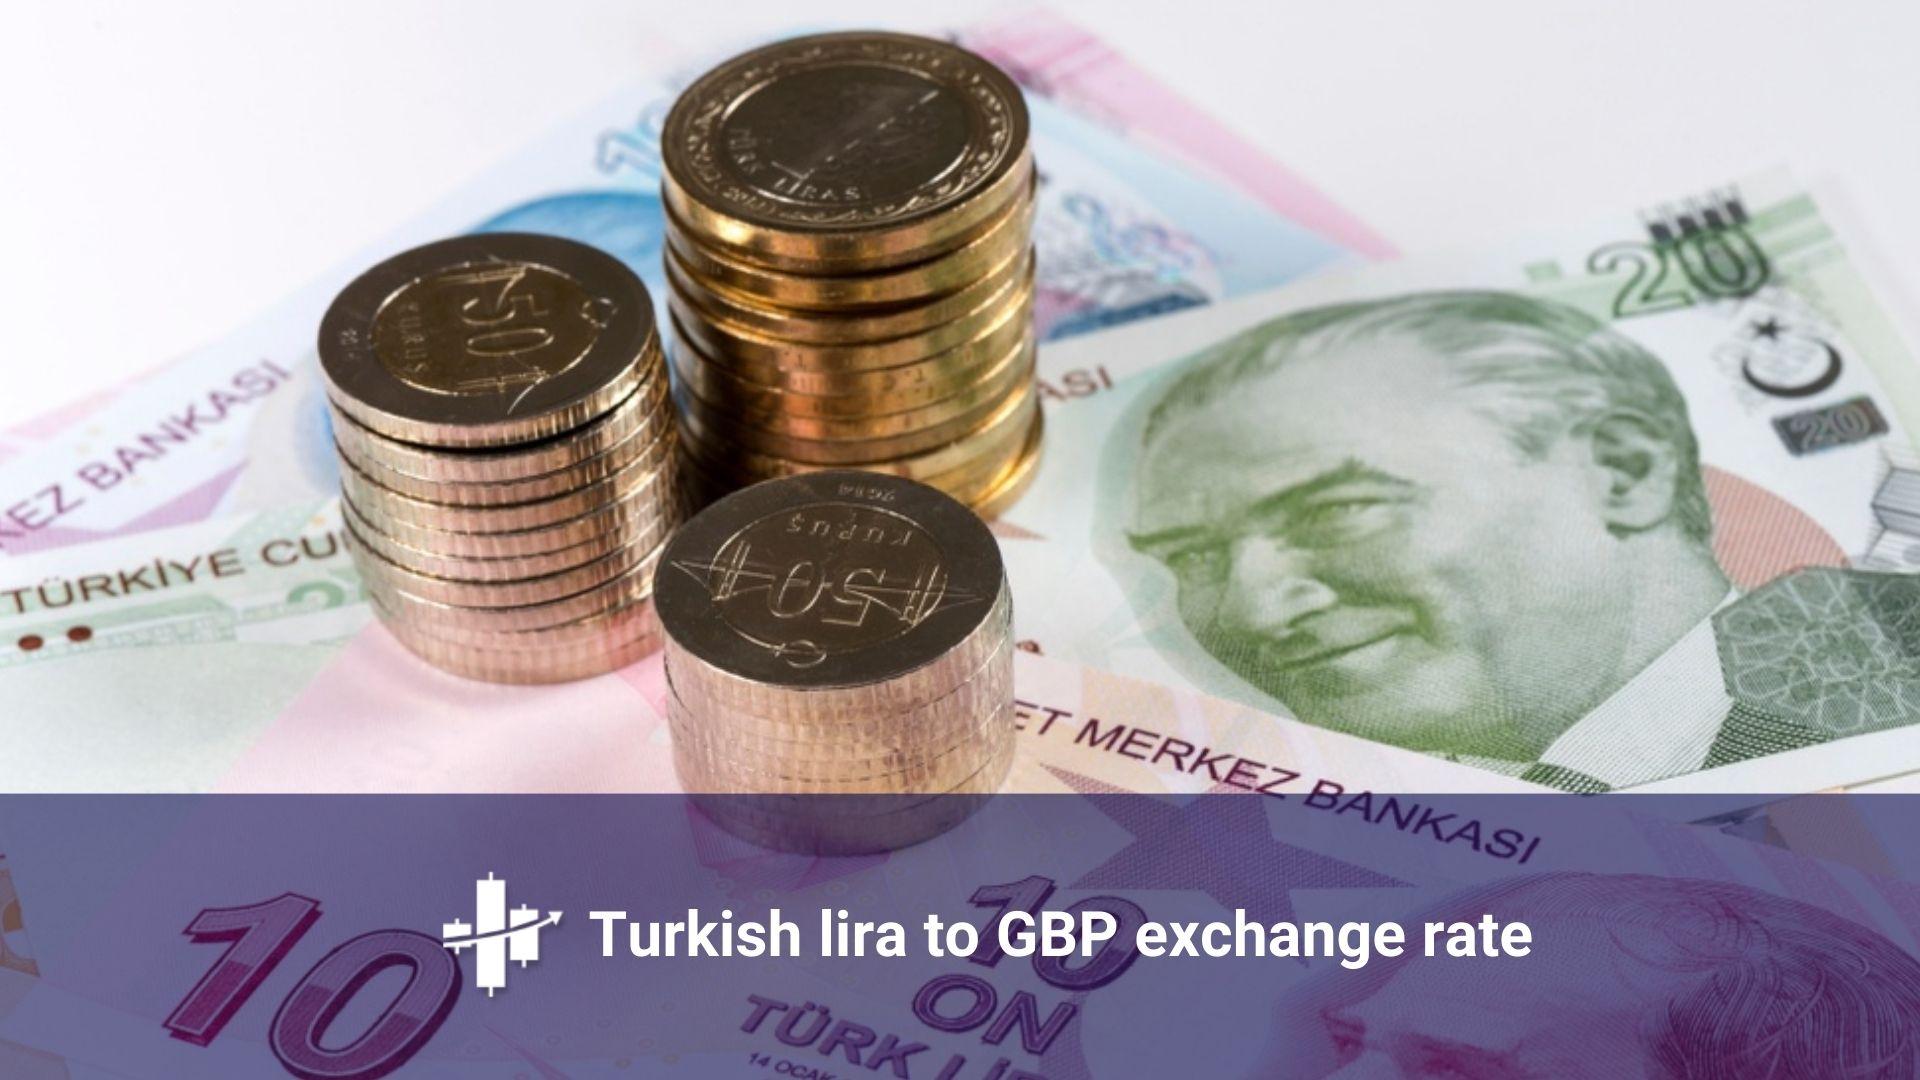 Lira To GBP